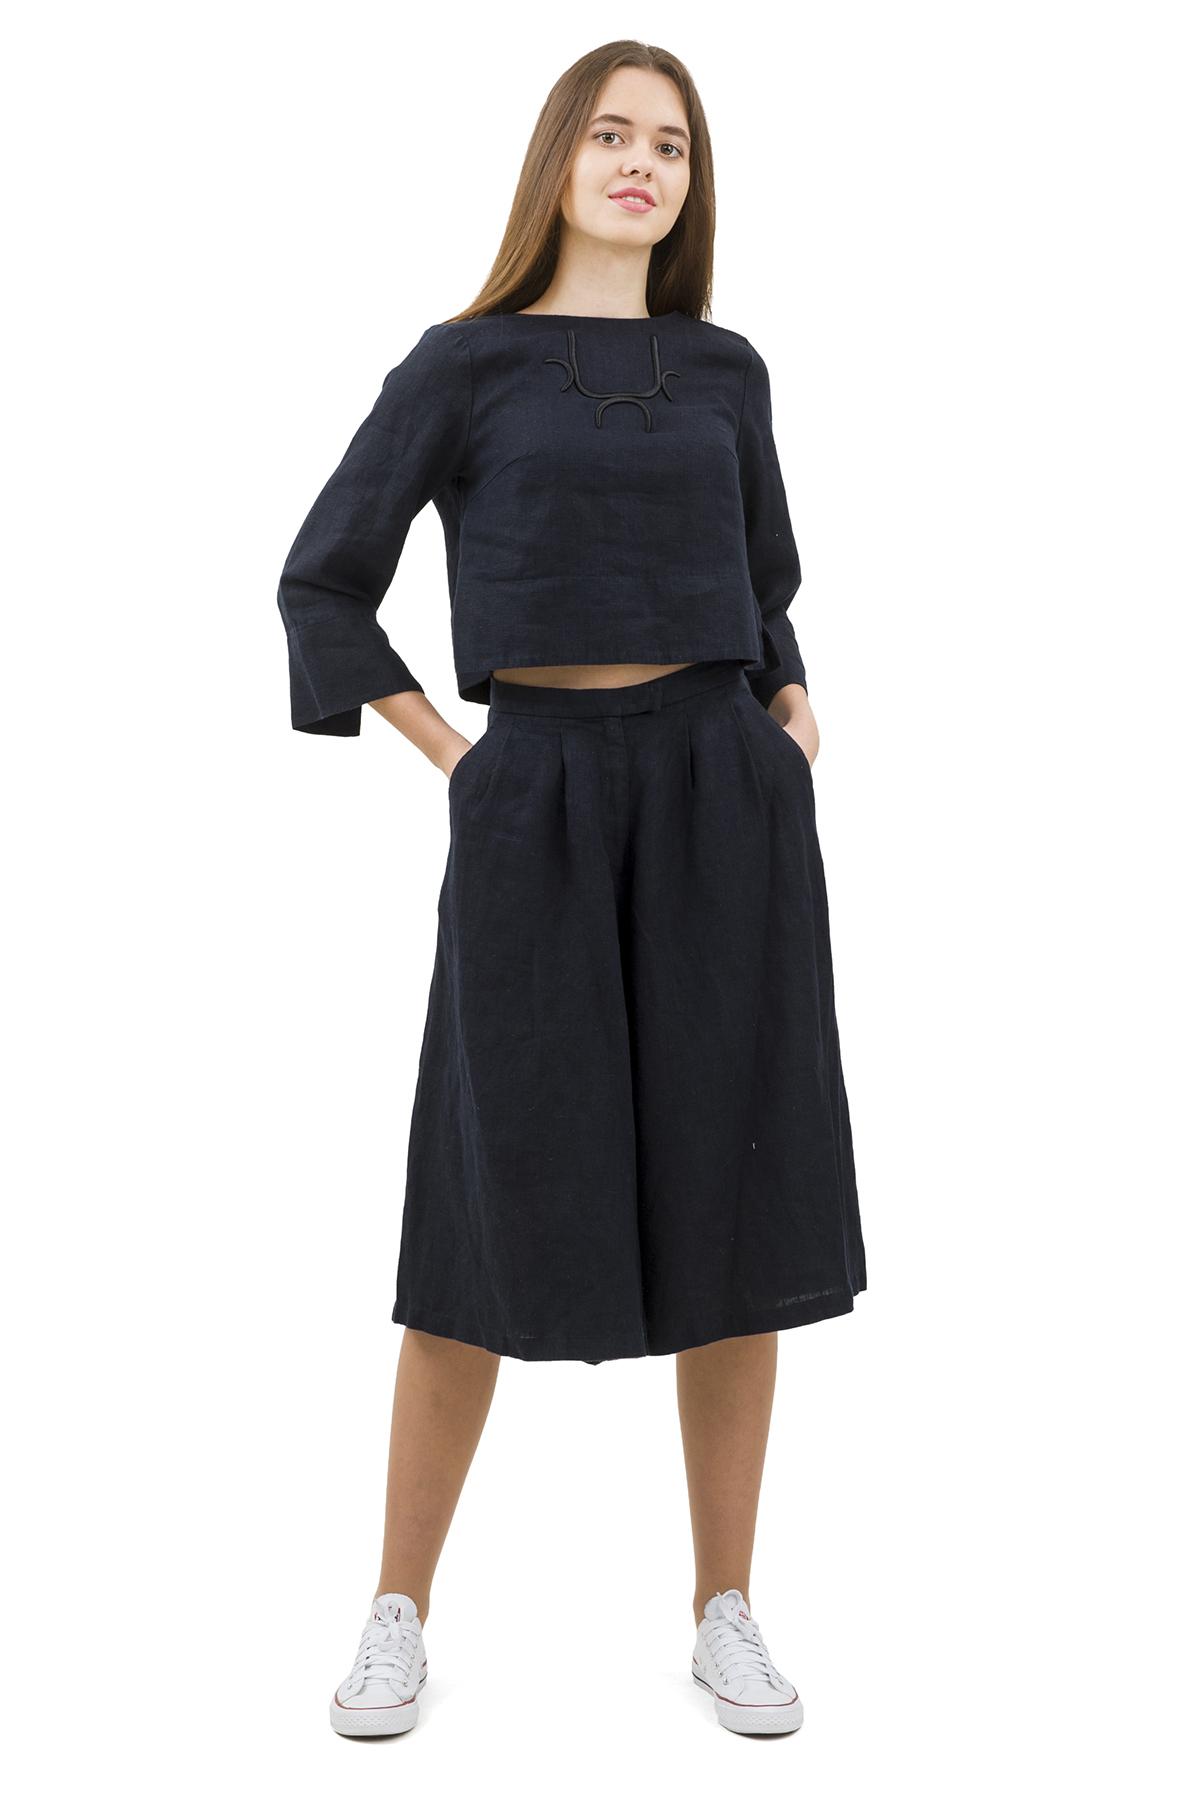 КостюмПлатья,  сарафаны<br>Стильный костюм выполнен из натуральной ткани - льна. Данная модель удачно подчеркнет красоту Вашей фигуры, а яркая расцветка  не оставит Вас незамеченной.<br><br>Цвет: темно-синий<br>Состав: 100% лен<br>Размер: 40,42,44,46,50<br>Страна дизайна: Россия<br>Страна производства: Россия